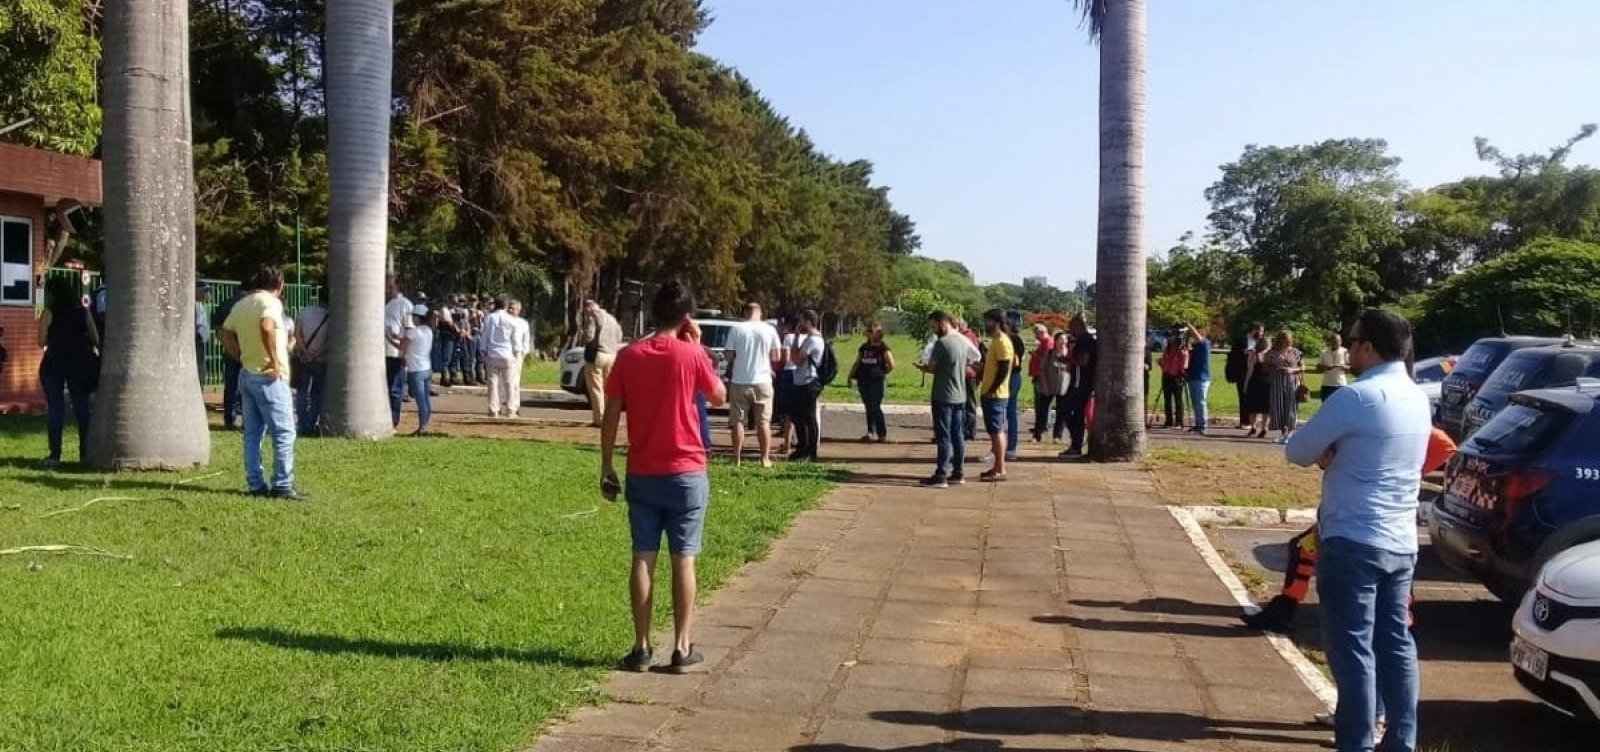 Embaixada da Venezuela em Brasília é invadida por simpatizantes de Guaidó